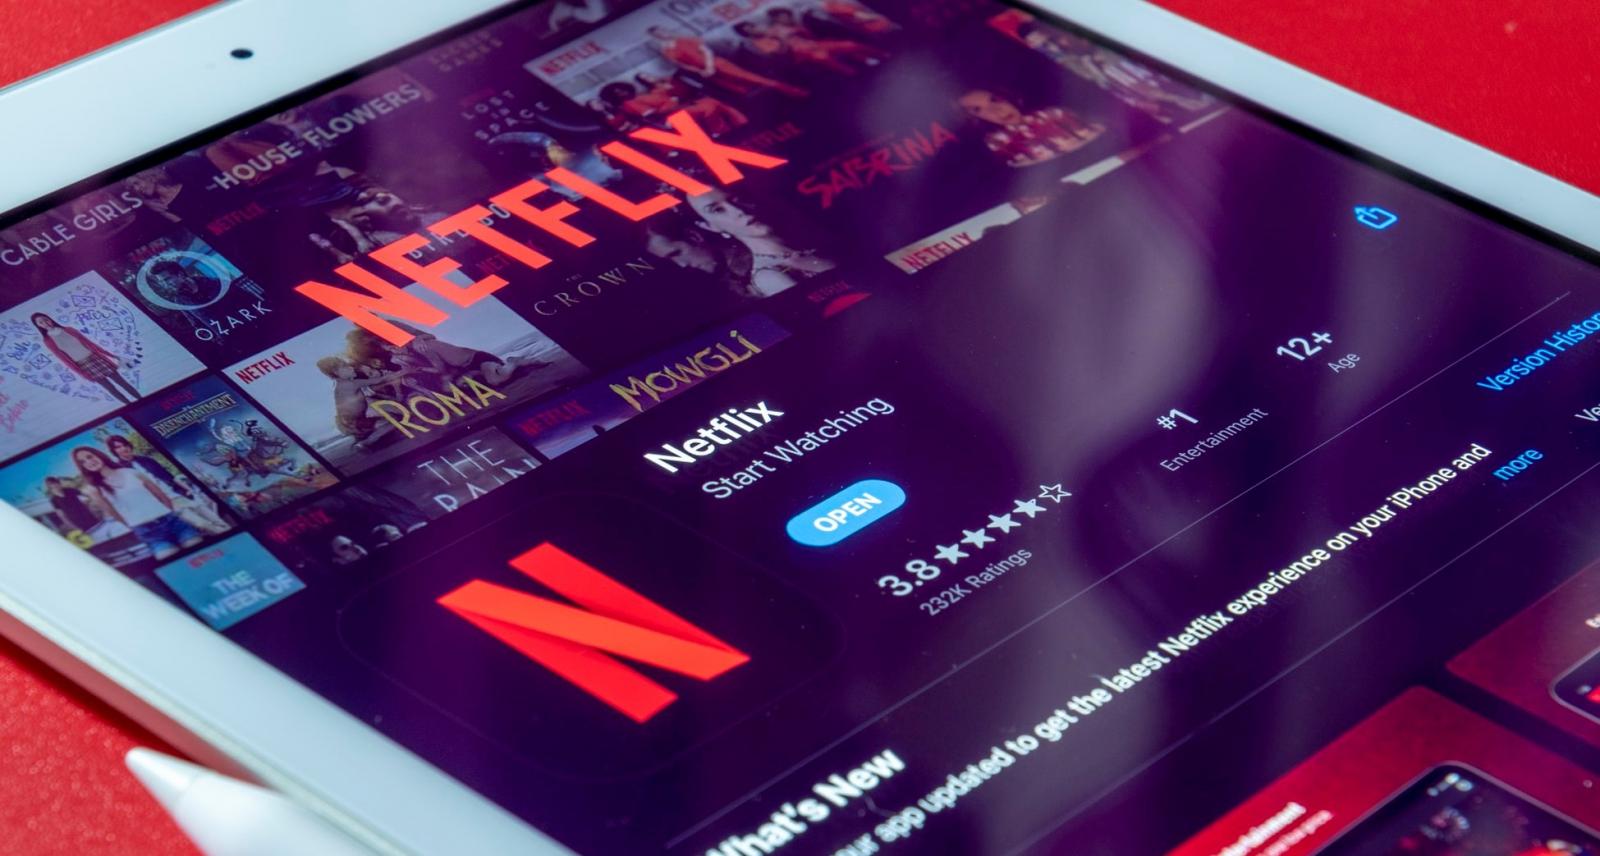 【科技新知】Netflix隱藏代碼完整曝光!輸入指定密碼解鎖各國電影、恐怖片、成人片